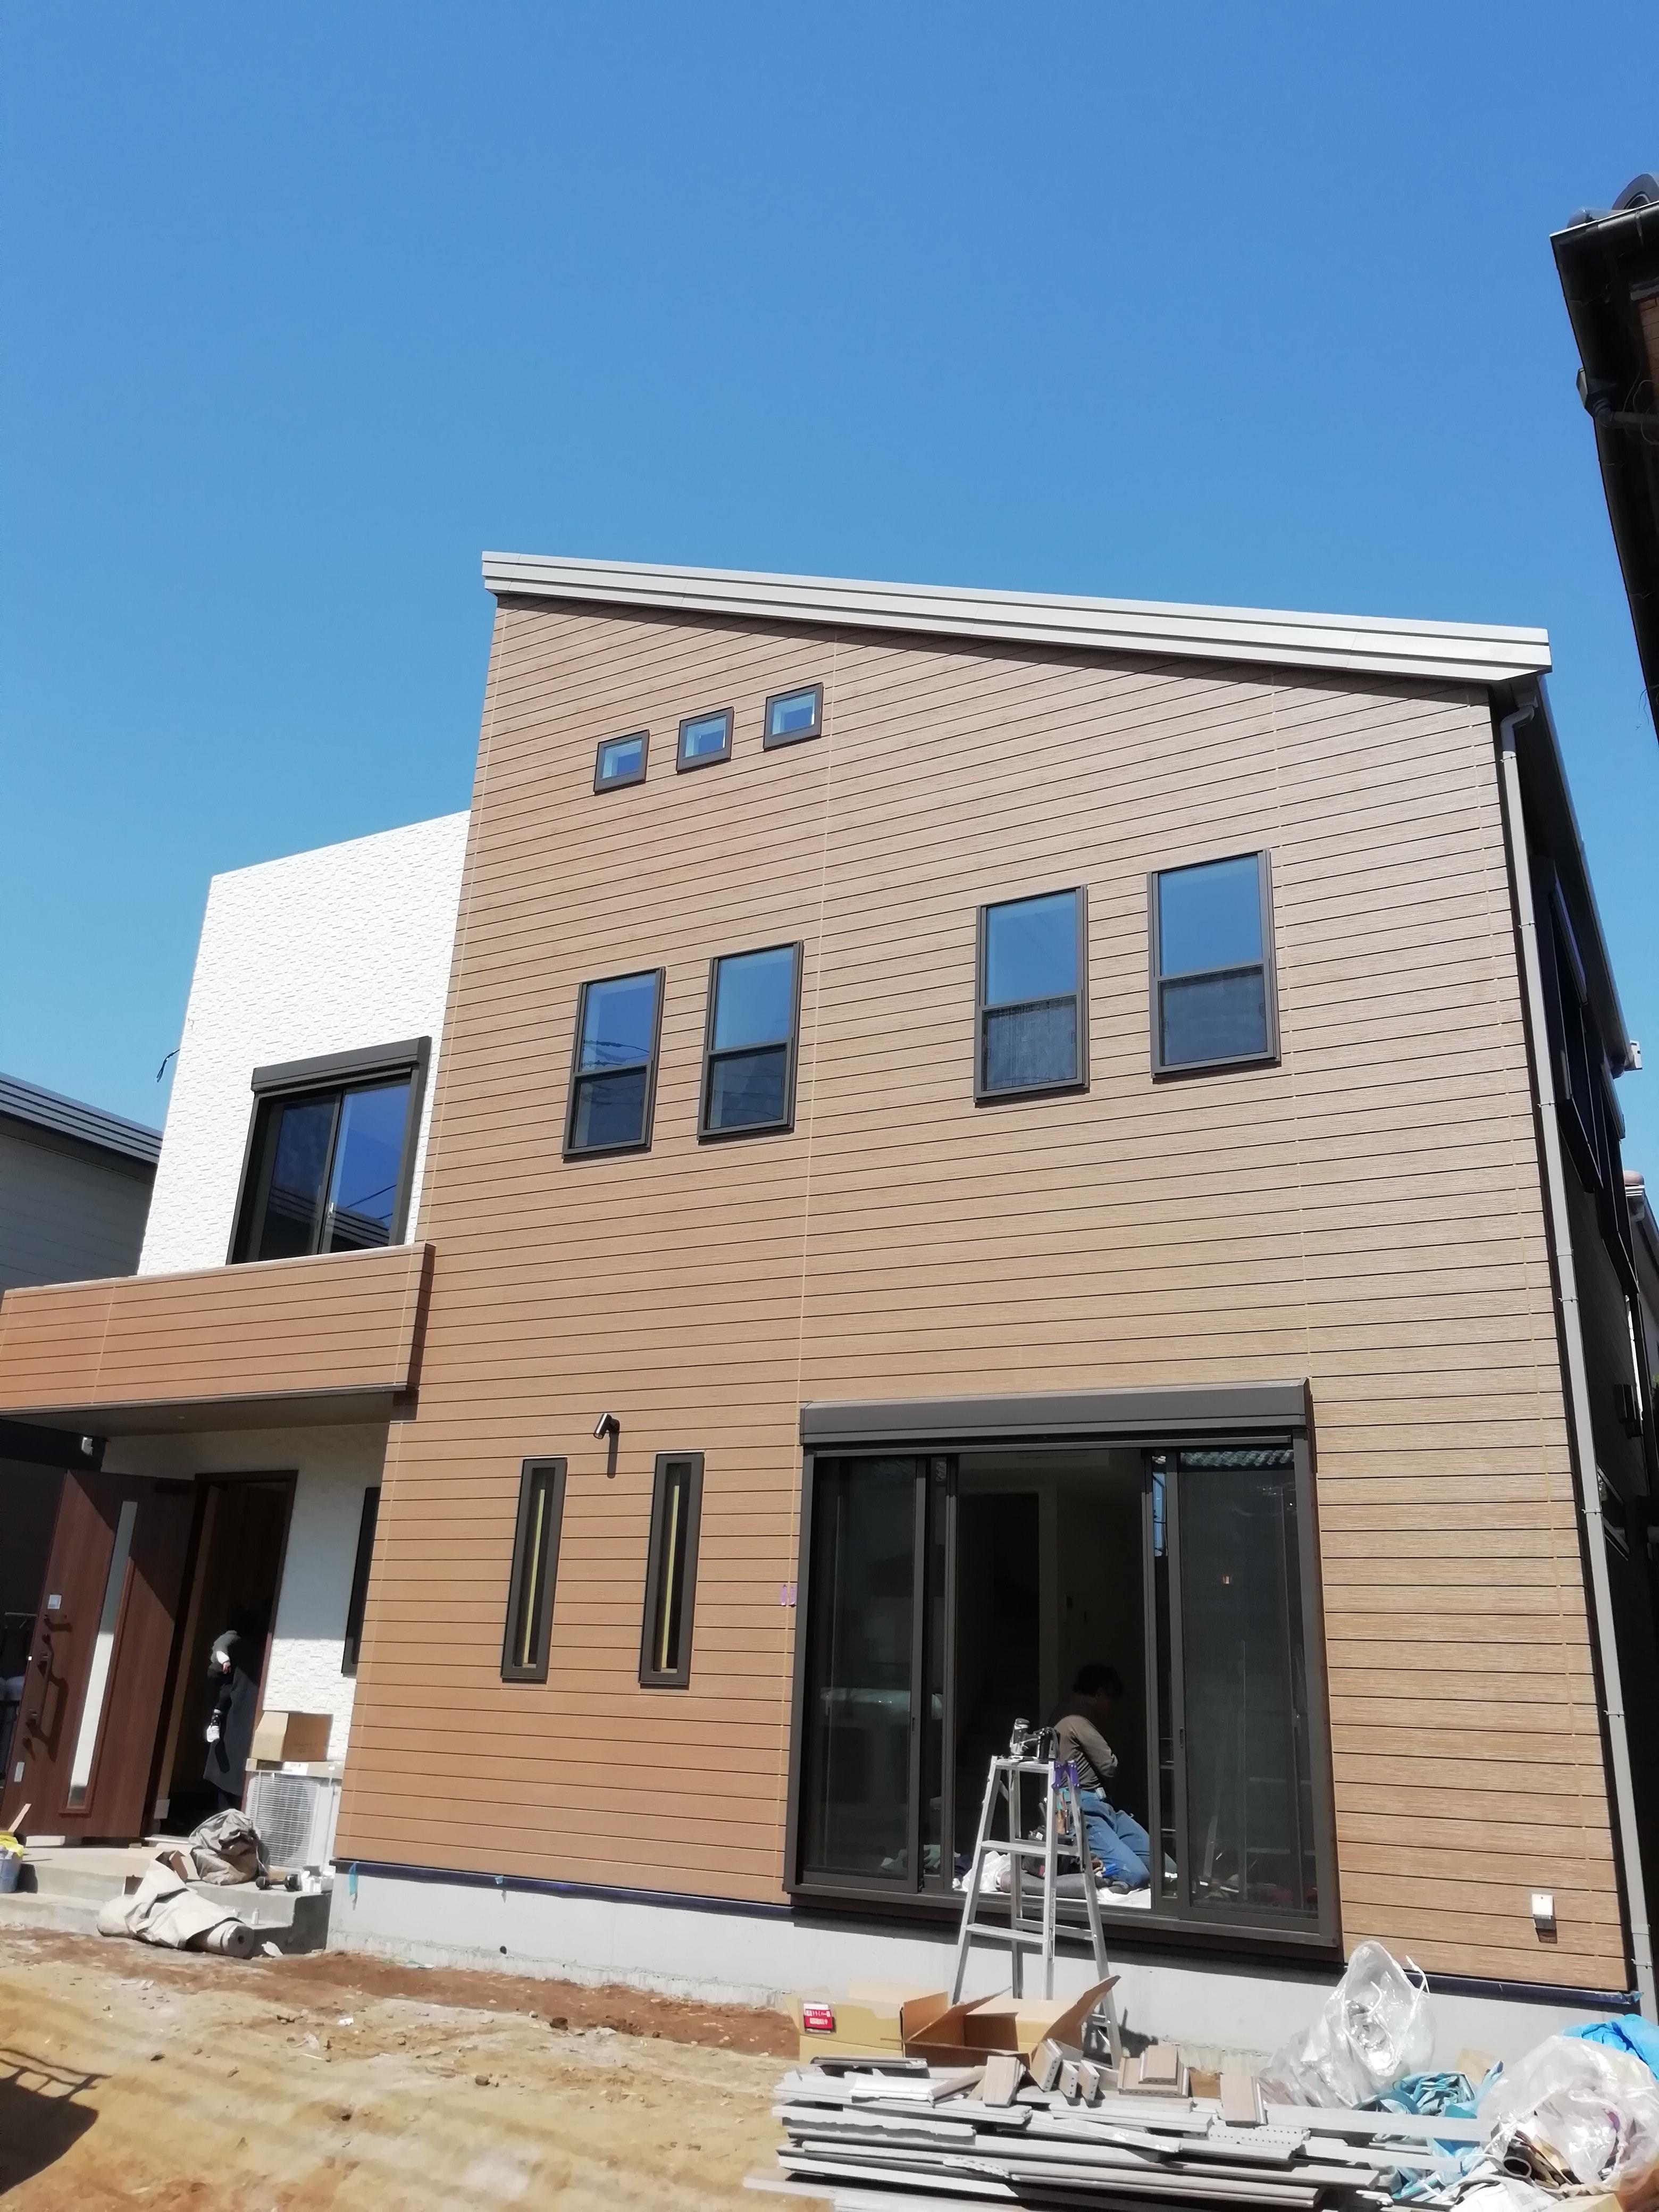 話題の「#家づくり暴露バトン」をやってみた! - atomの桧家住宅でZ空調なブログ